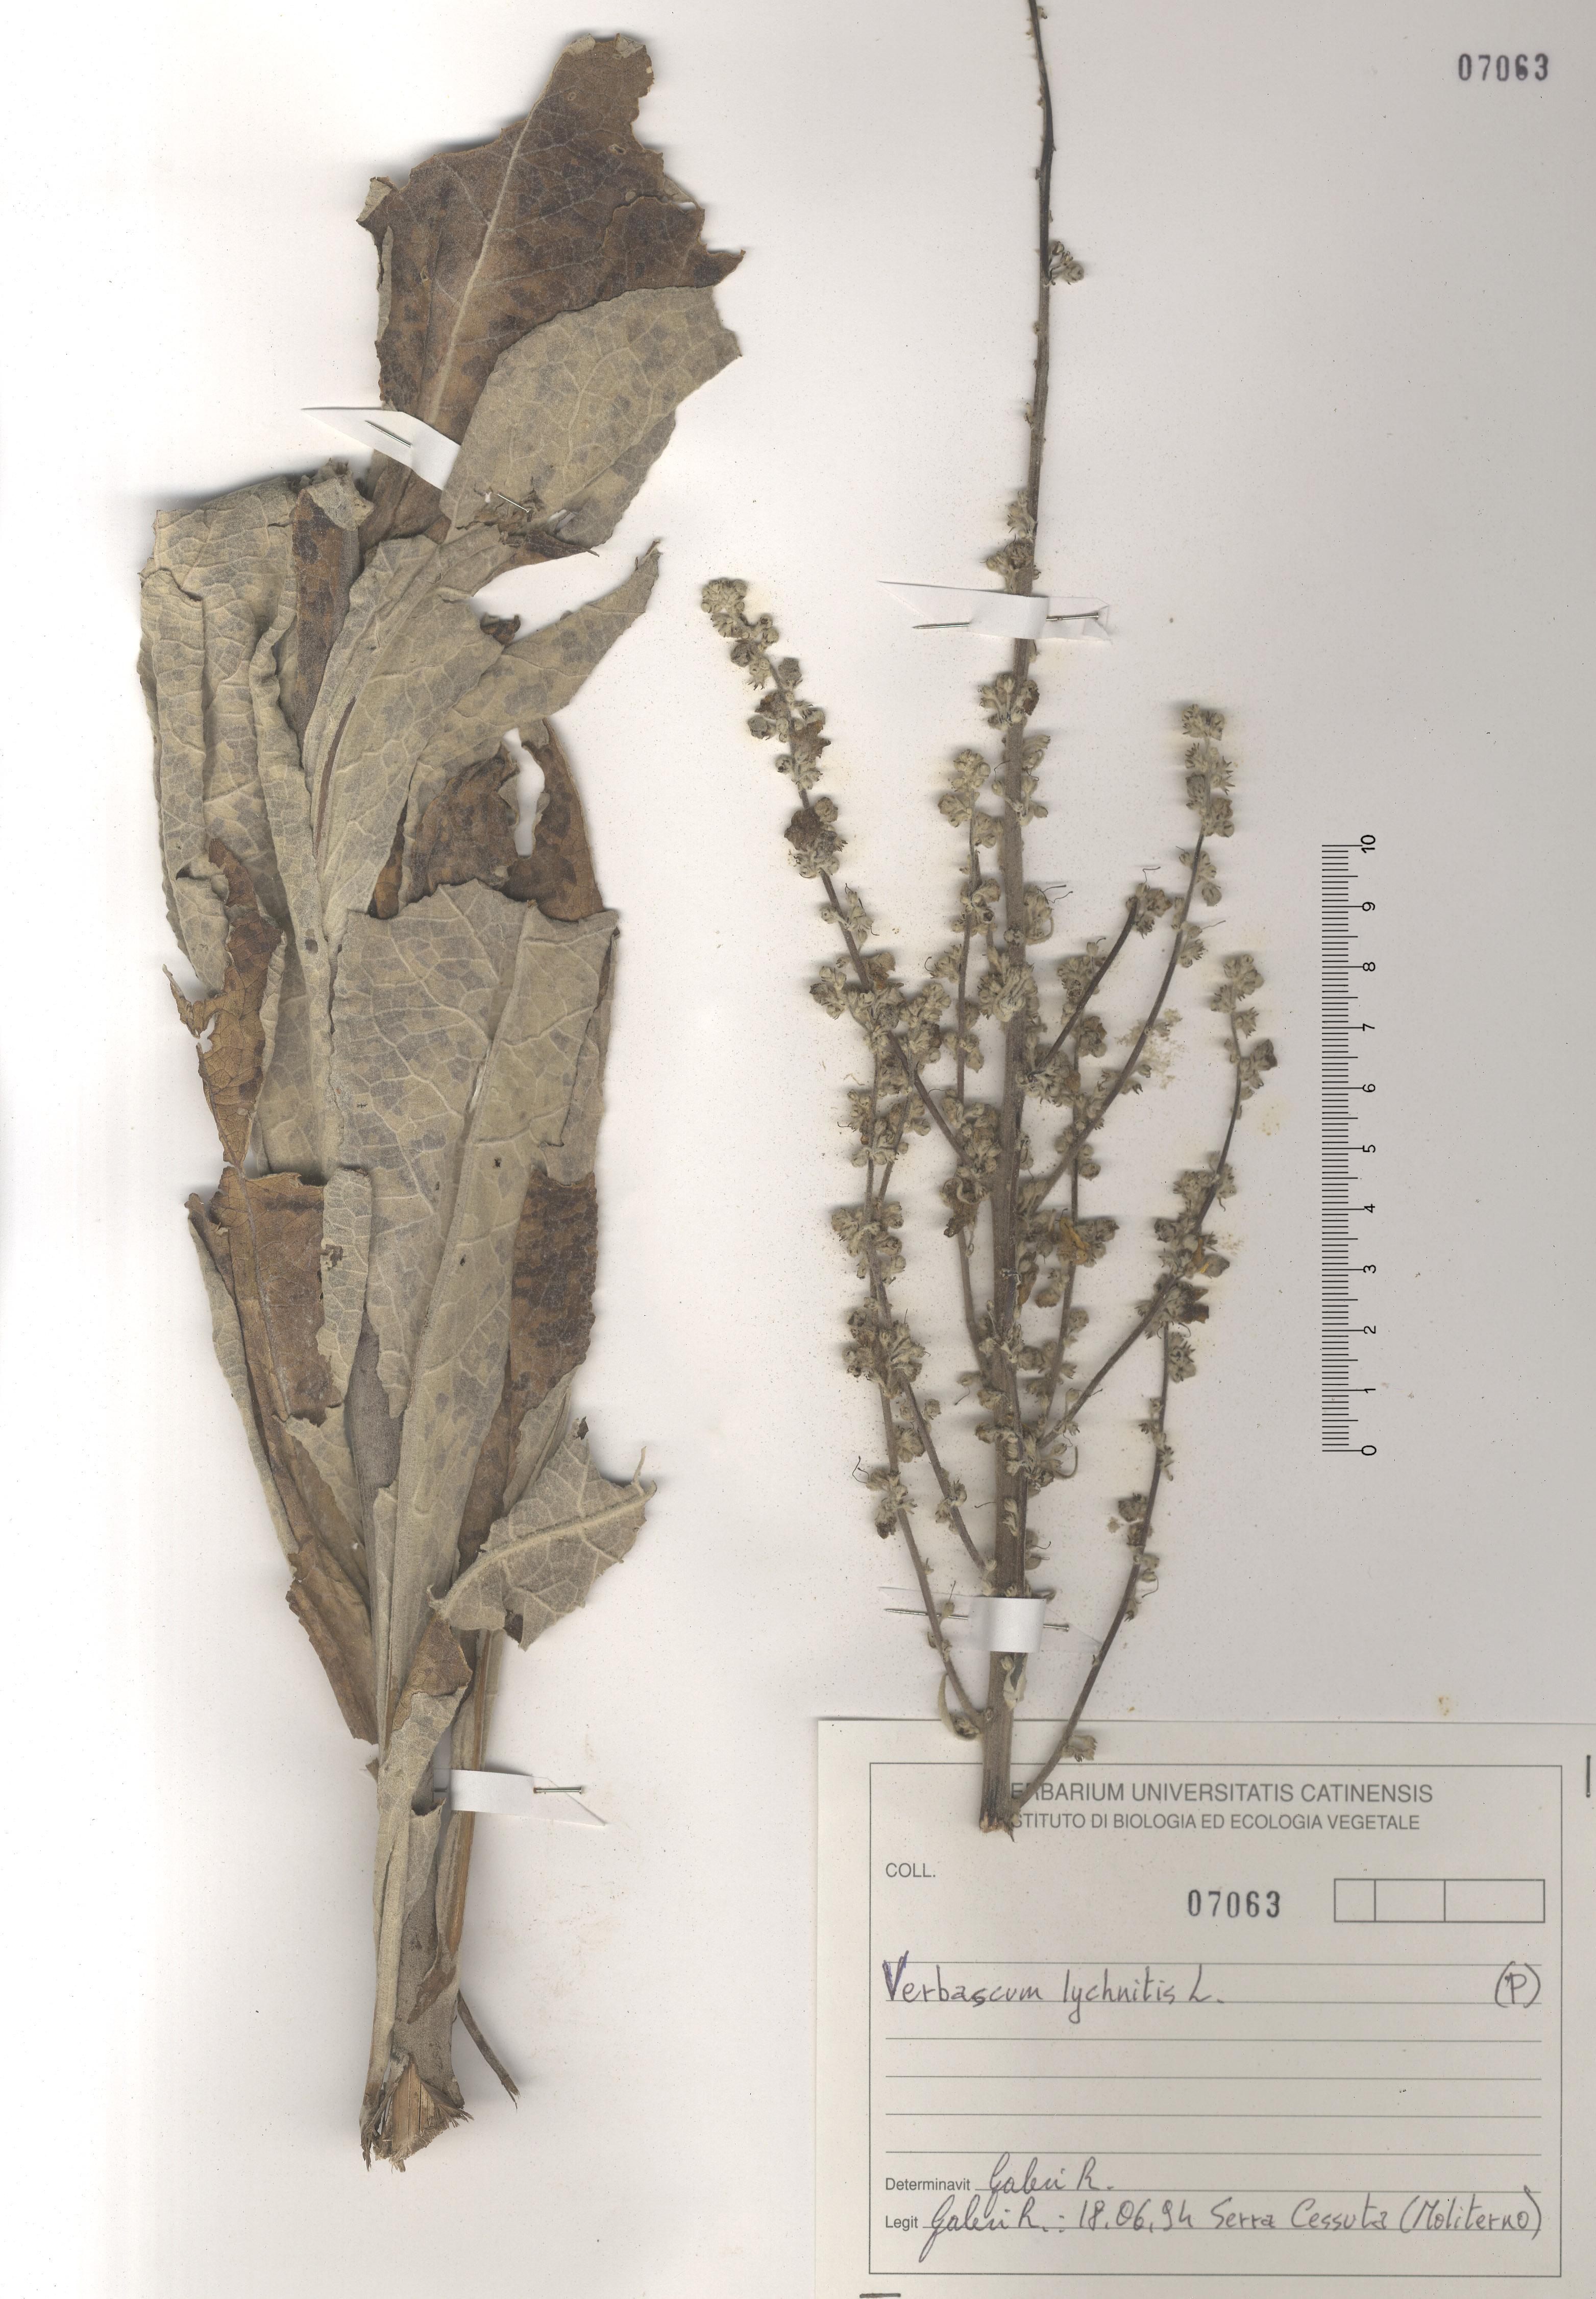 © Hortus  Botanicus Catinensis - Herb. sheet 107063<br>